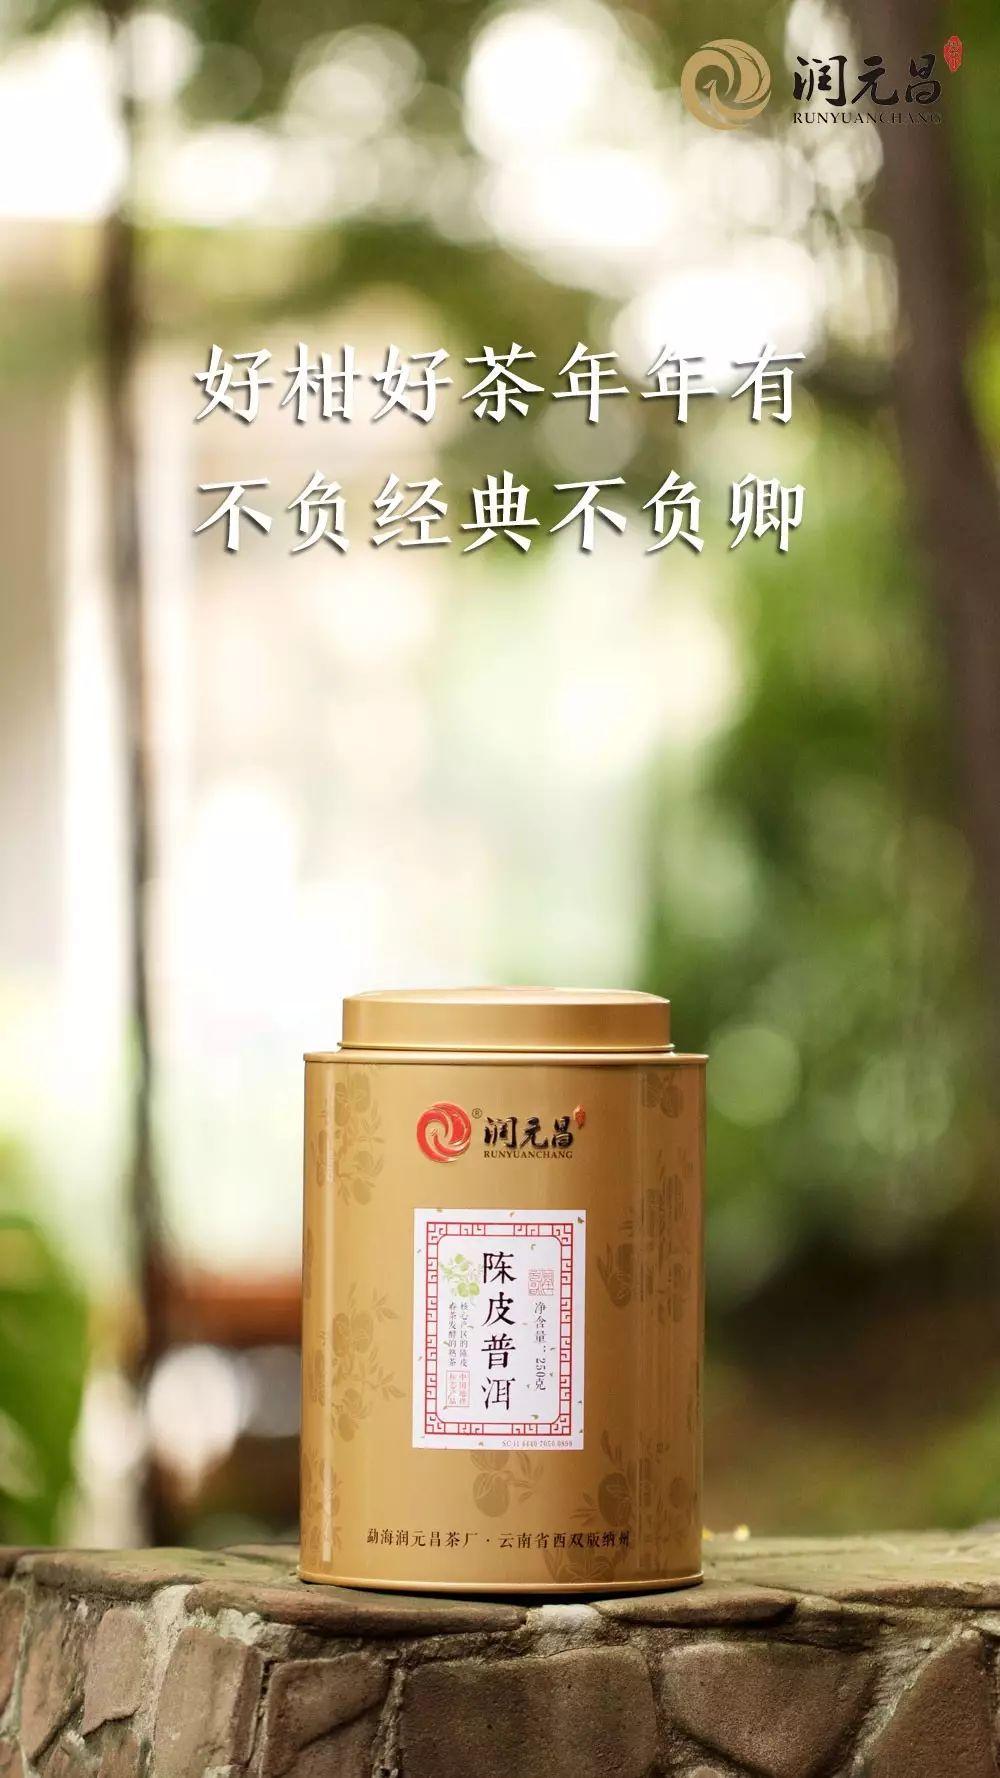 潤元昌常規金罐小青柑02